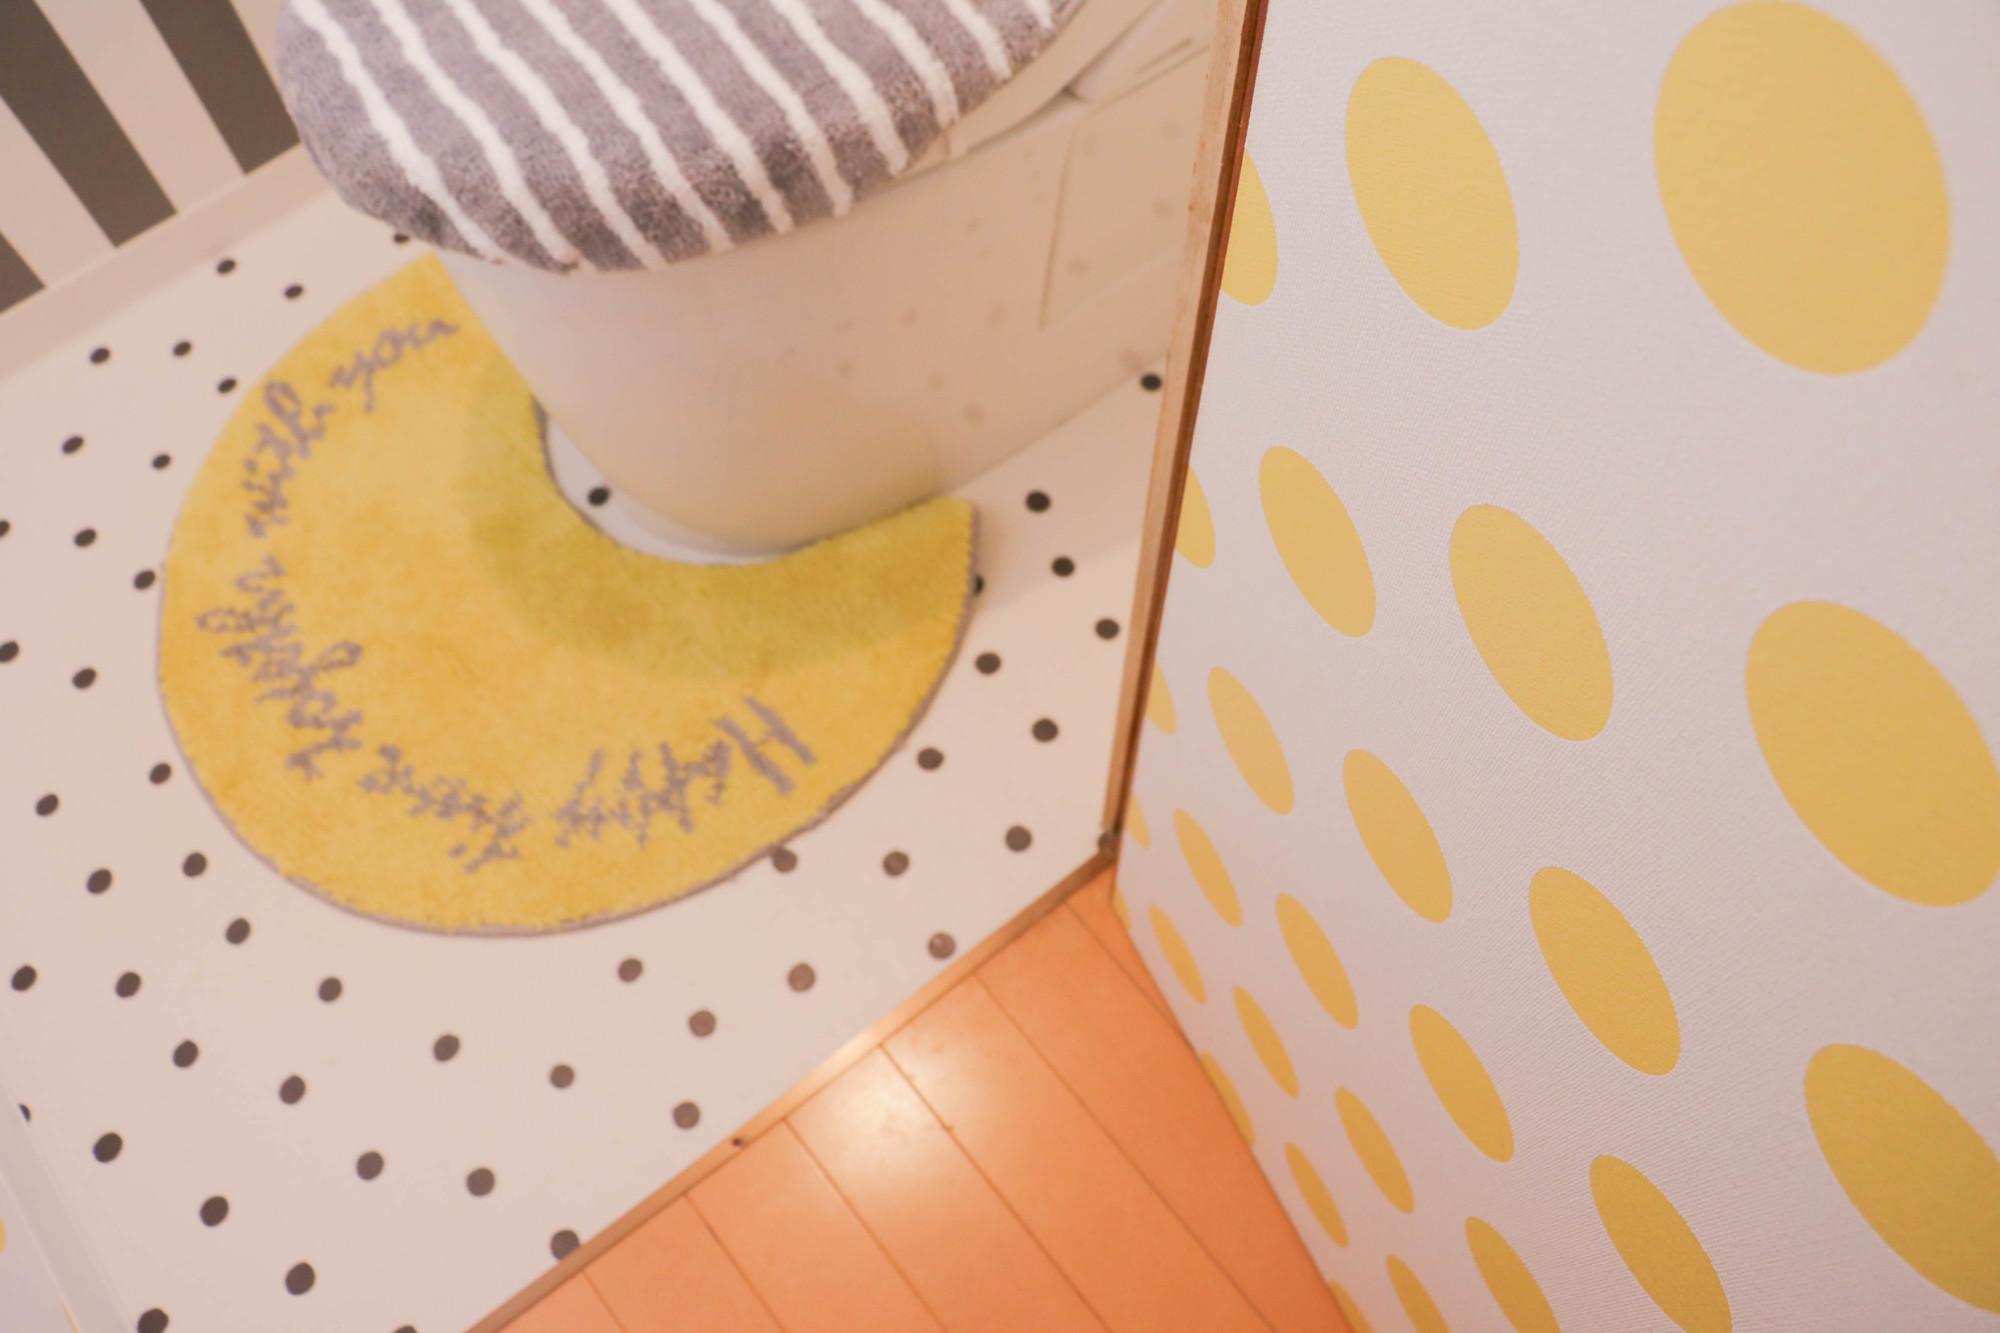 佐賀市大財 O様 トイレ改修工事『空間に入るだけでワクワクする、家族みんながお気に入りのトイレ』